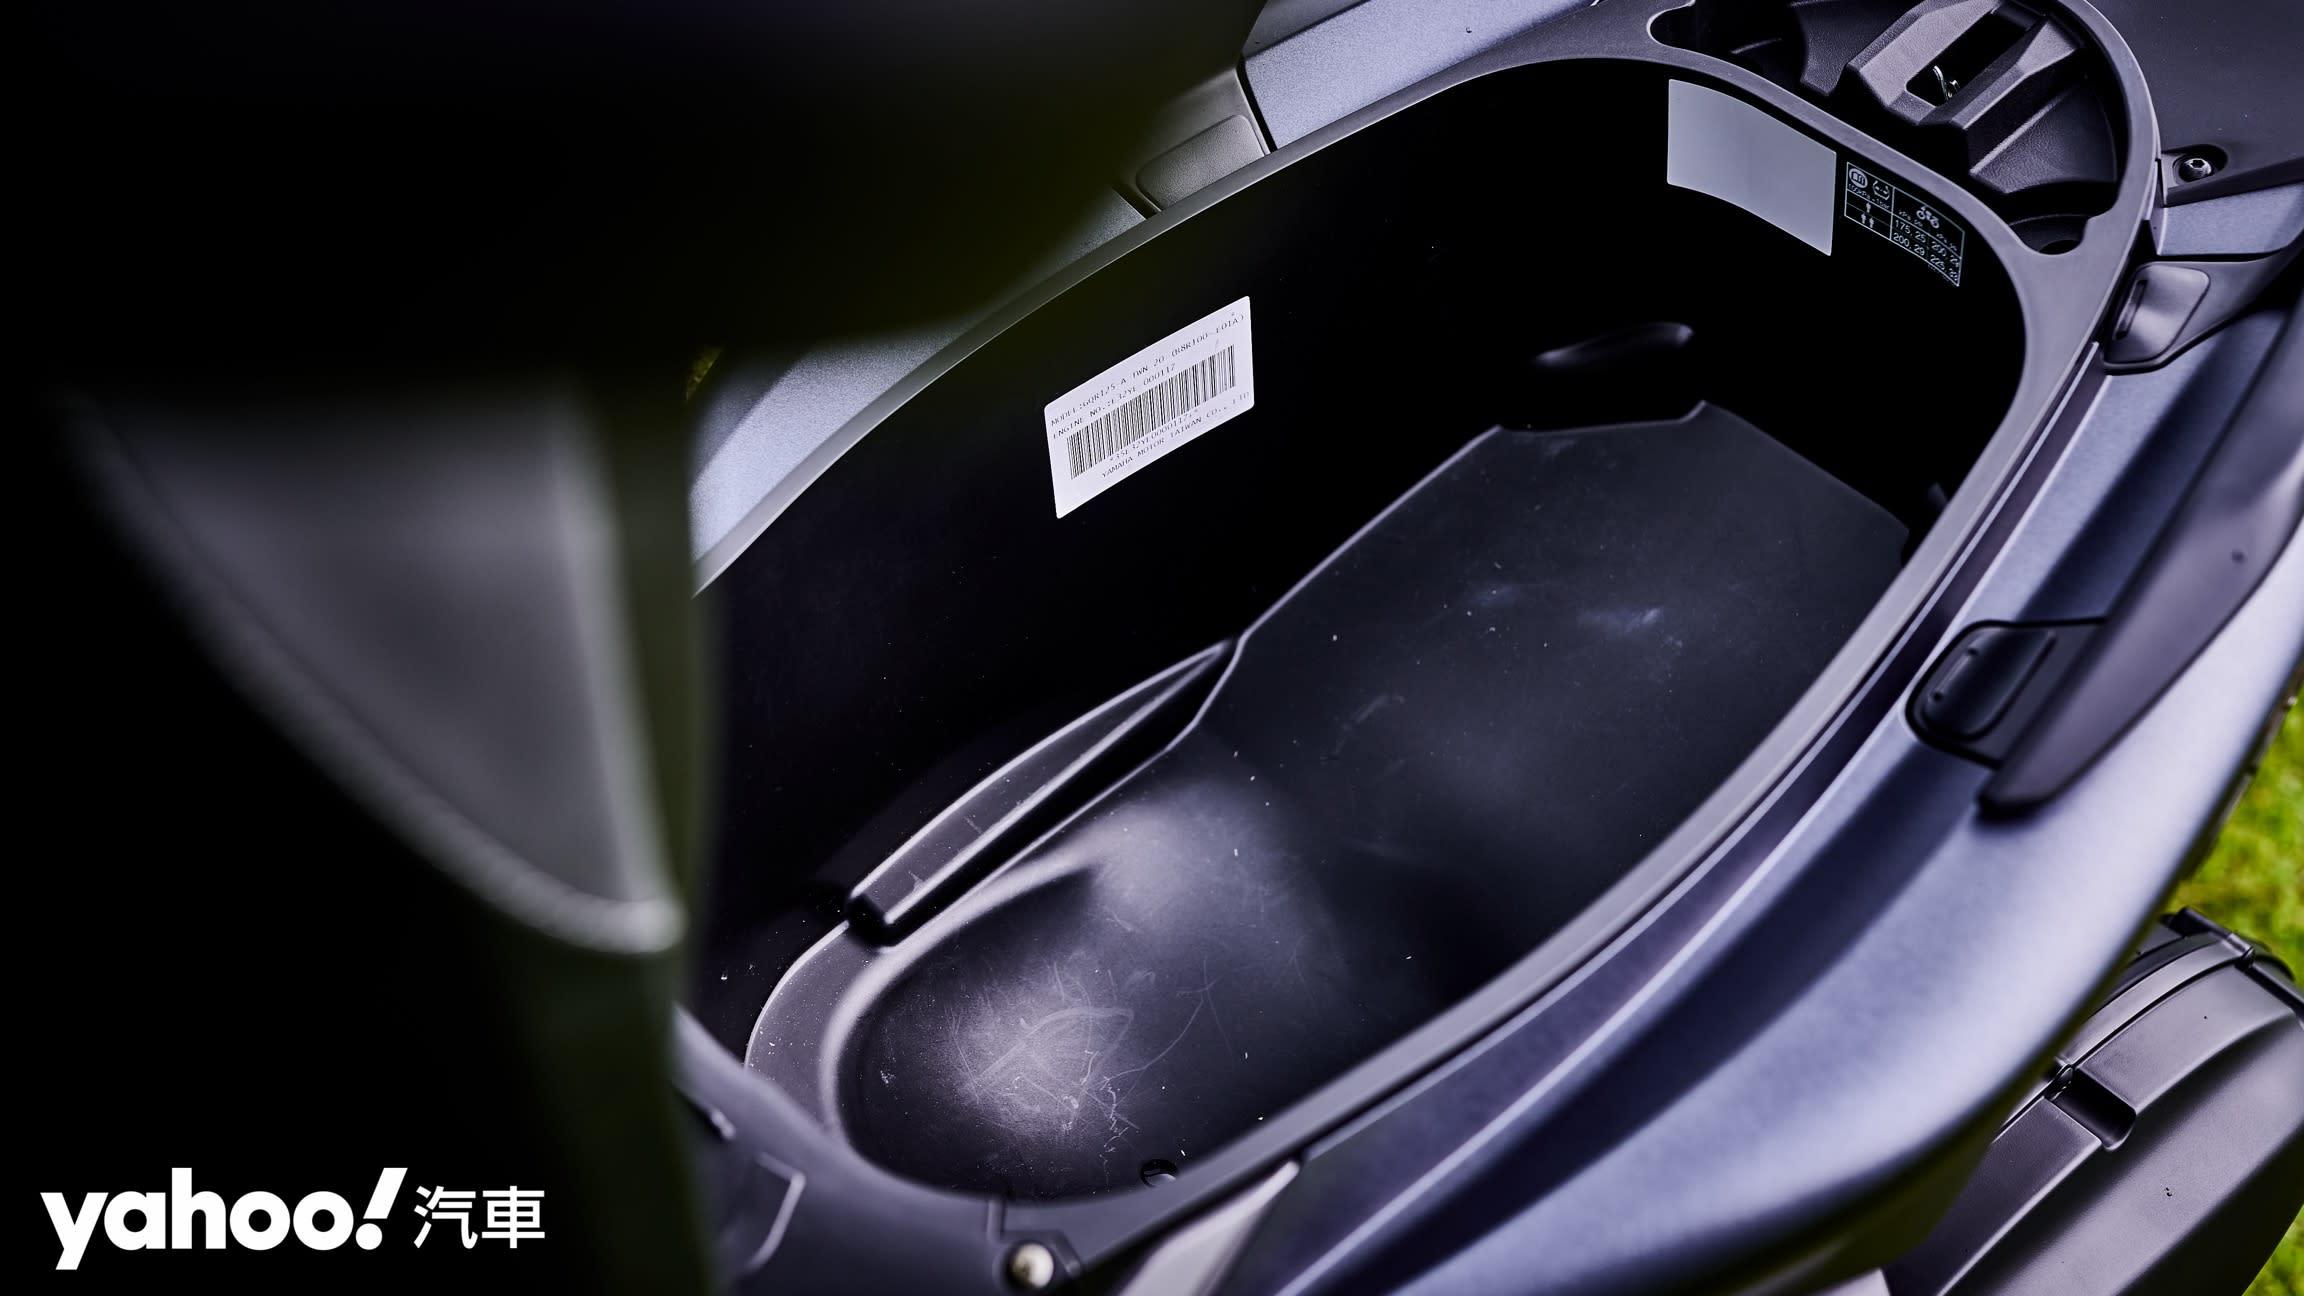 別再狼來了、這次真的是水冷!2020 Yamaha全新勁戰Cygnus Gryphus正式發表! - 13